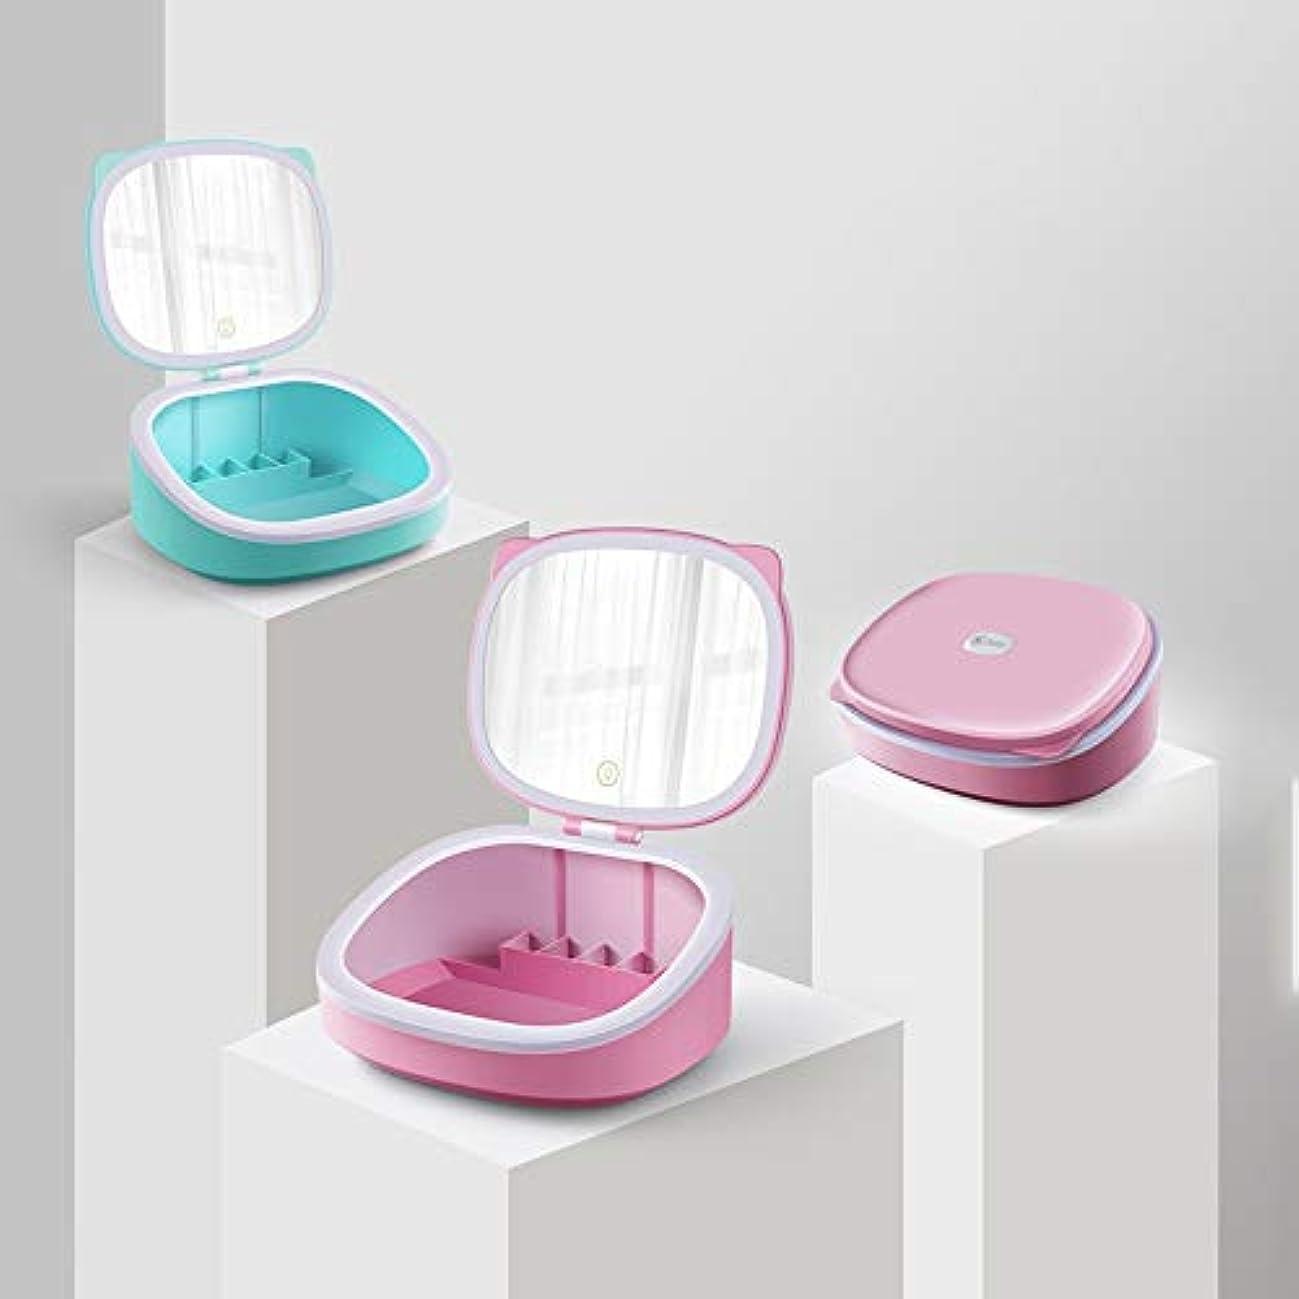 バランスのとれたはしごよく話される流行の LEDライト化粧鏡収納猫美容鏡卓上鏡多機能光ABSピンクブルーを調整することができます (色 : Pink)